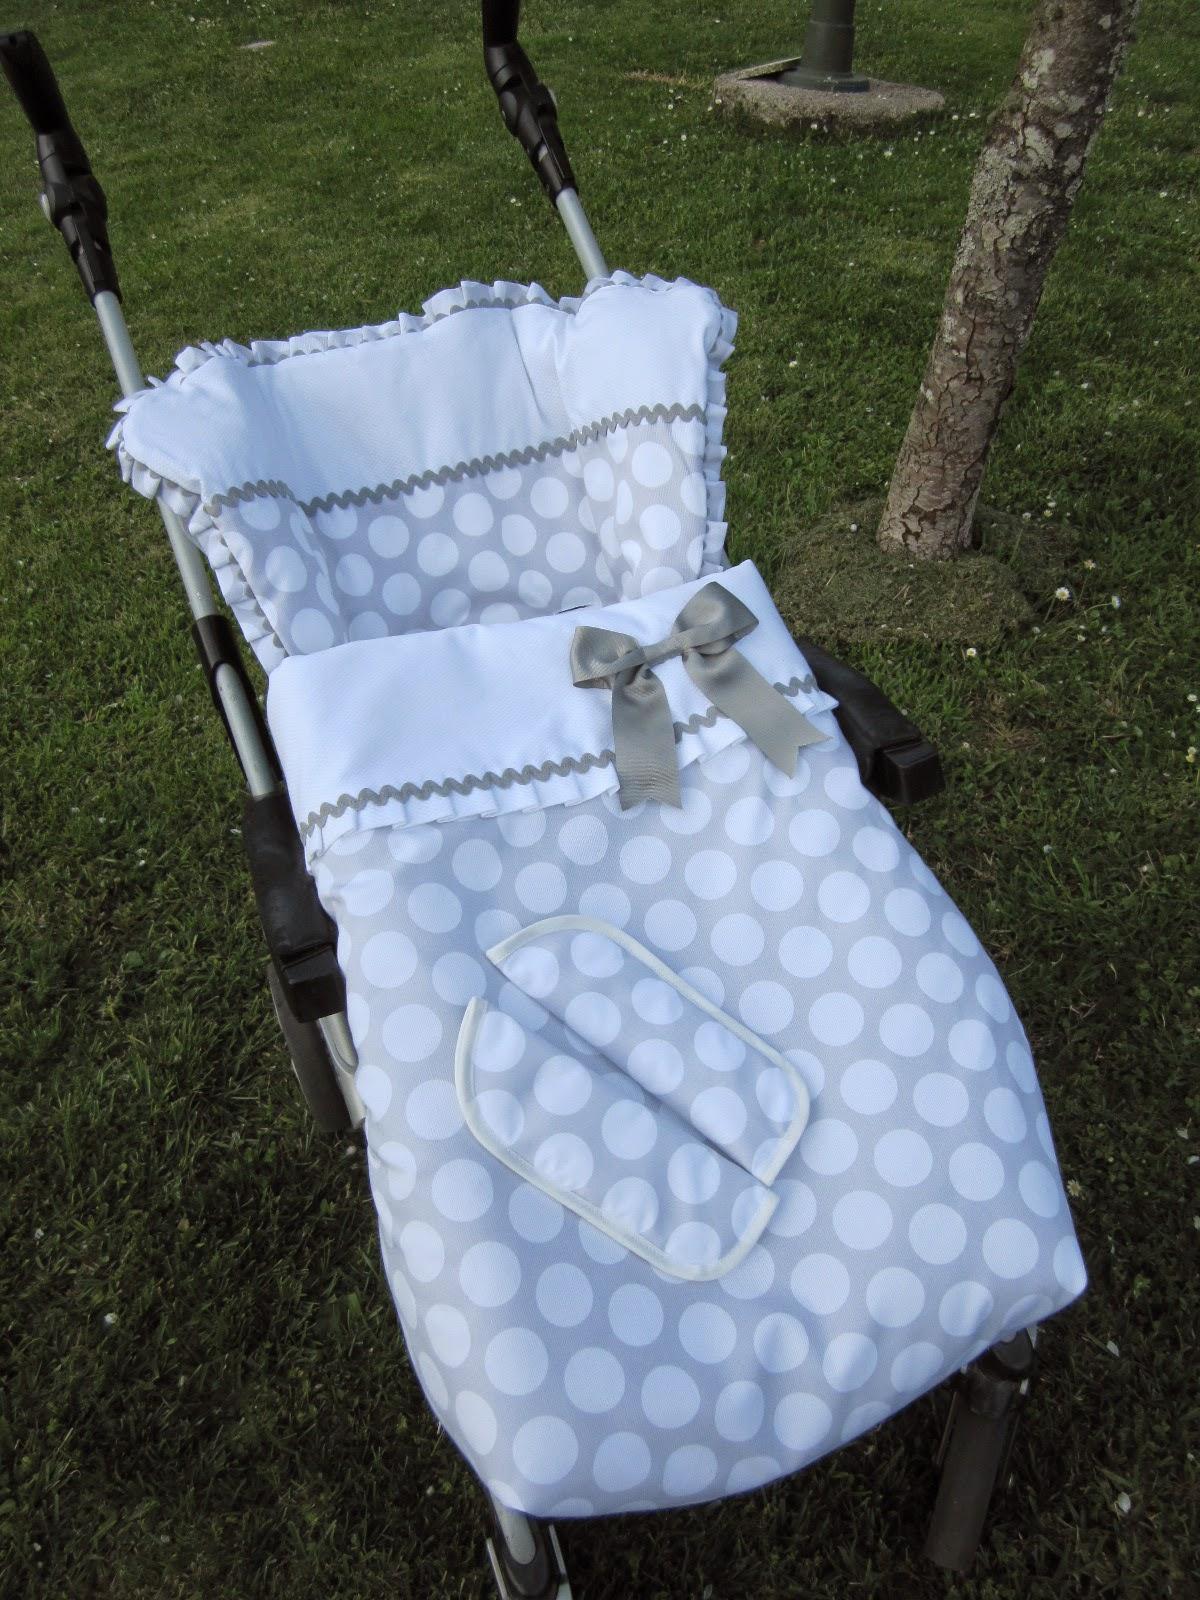 Pequechos saco para silla bebecar y maclaren - Sacos para silla maclaren ...